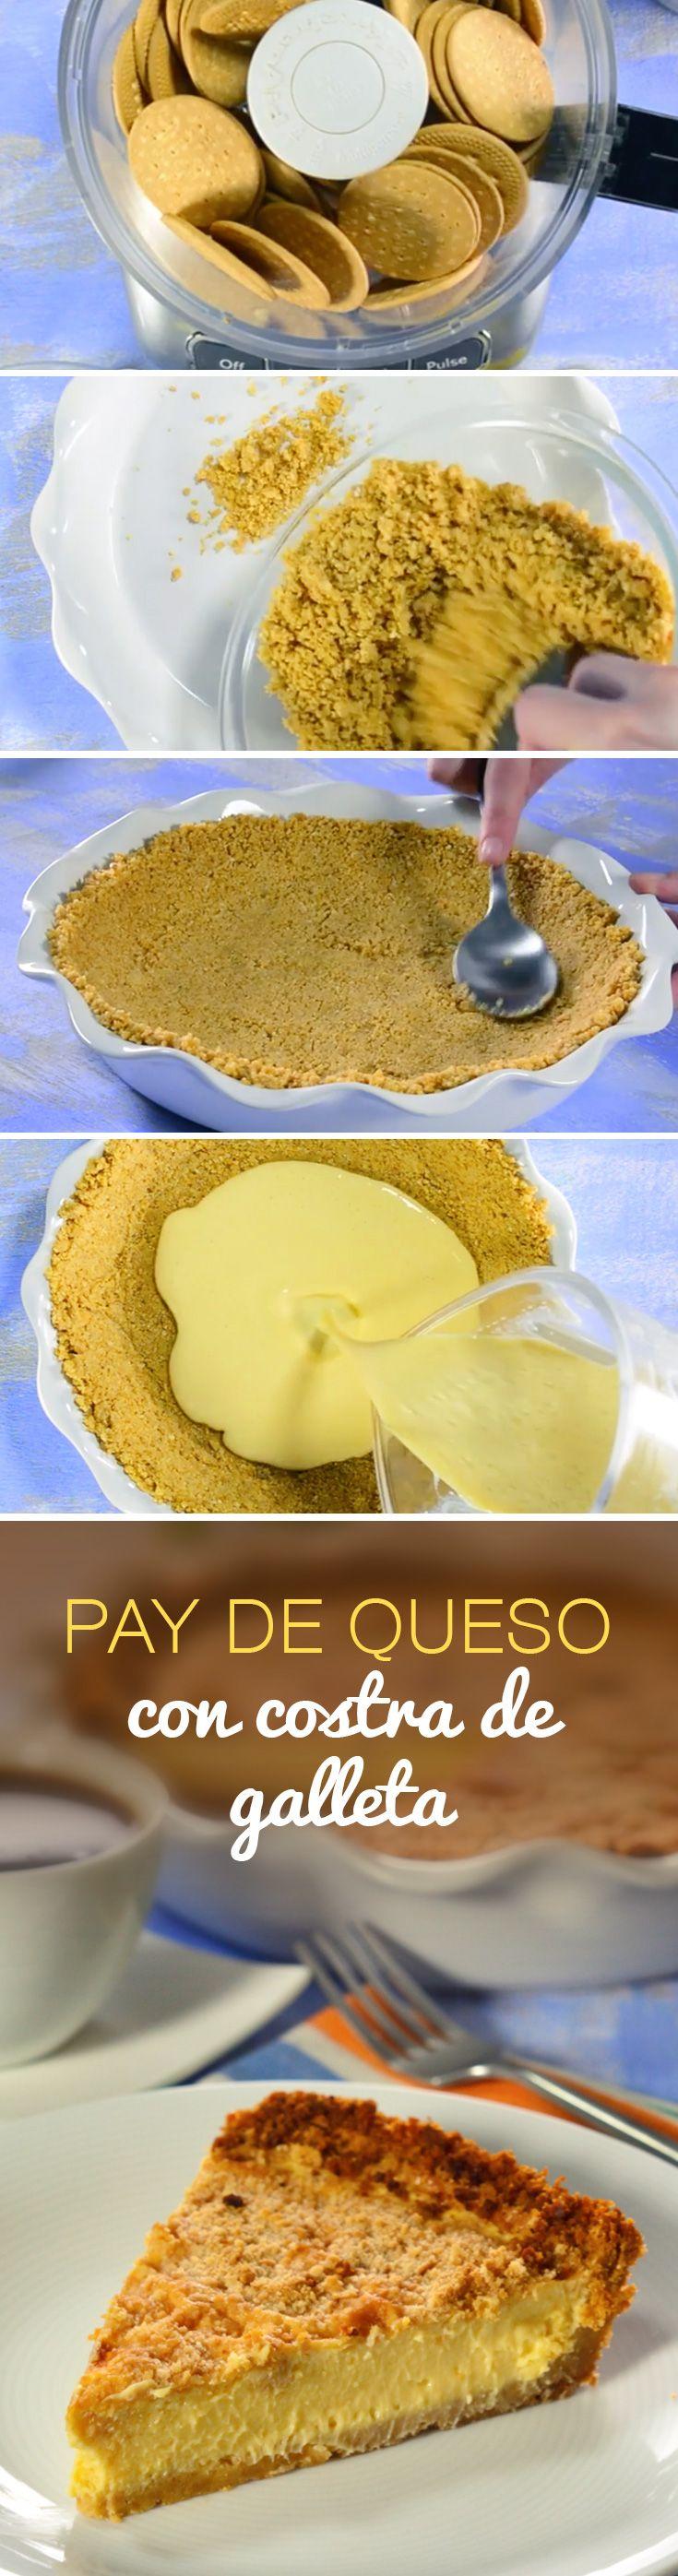 Pay de queso horneado con costra de galleta que conquistará tu corazón y el de toda tu familia